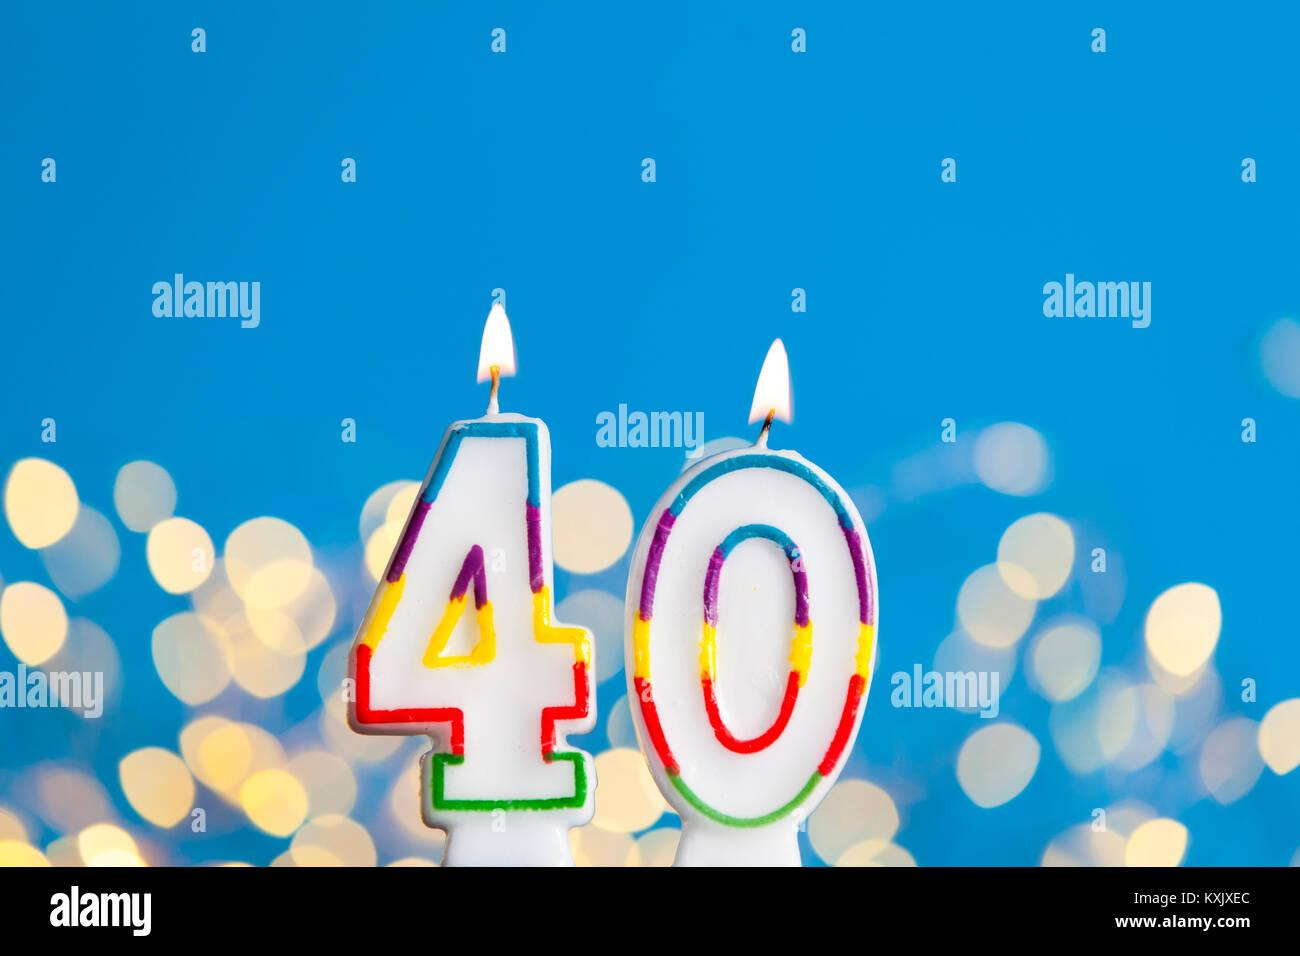 Imagenes De Cumpleanos Numero 40.Celebracion Del Cumpleanos Numero 40 Velas Brillantes Luces